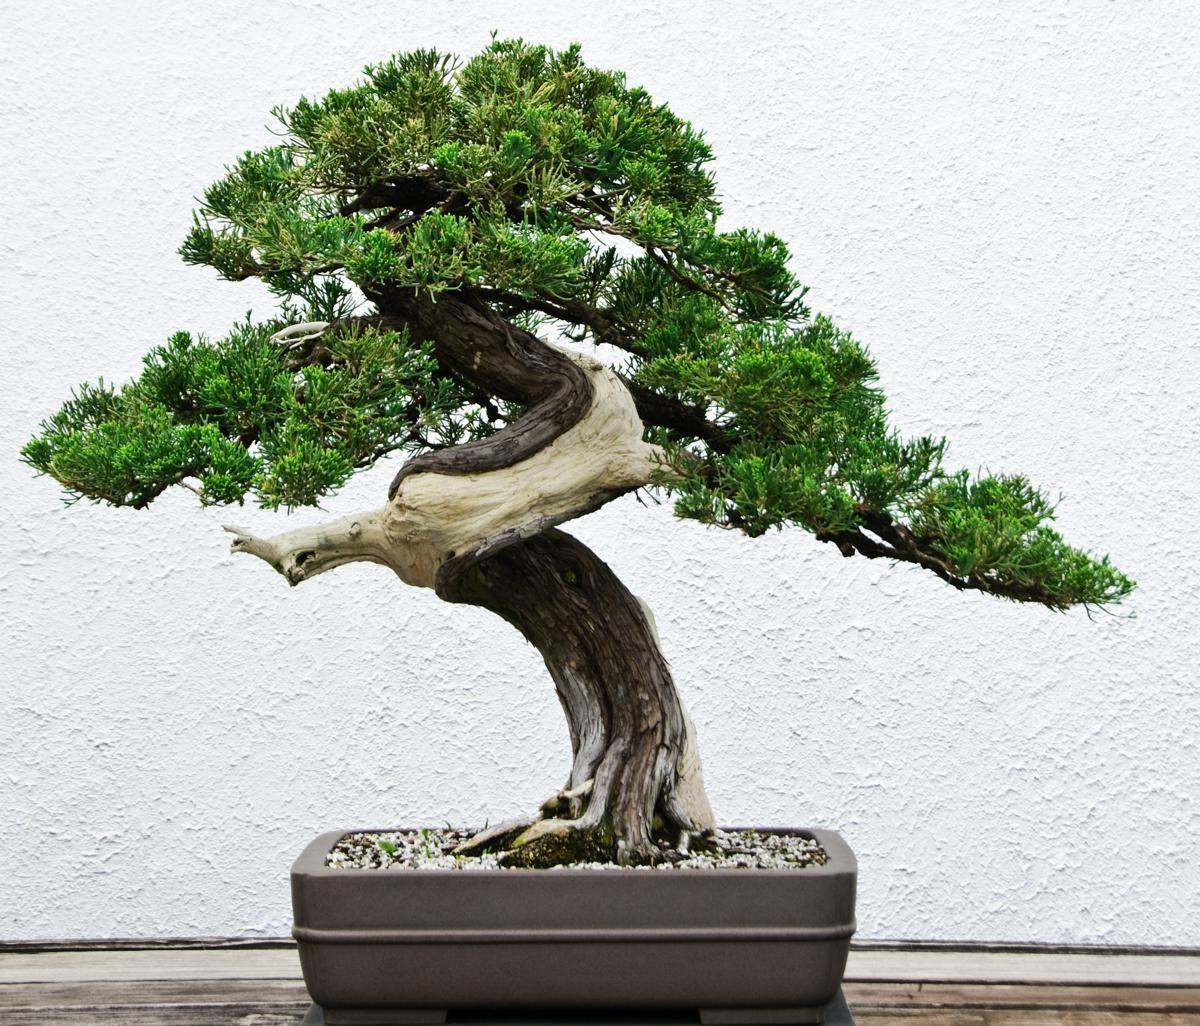 Un engrais de bonsaï équilibré contient des quantités égales d'azote, de phosphore et de potassium.